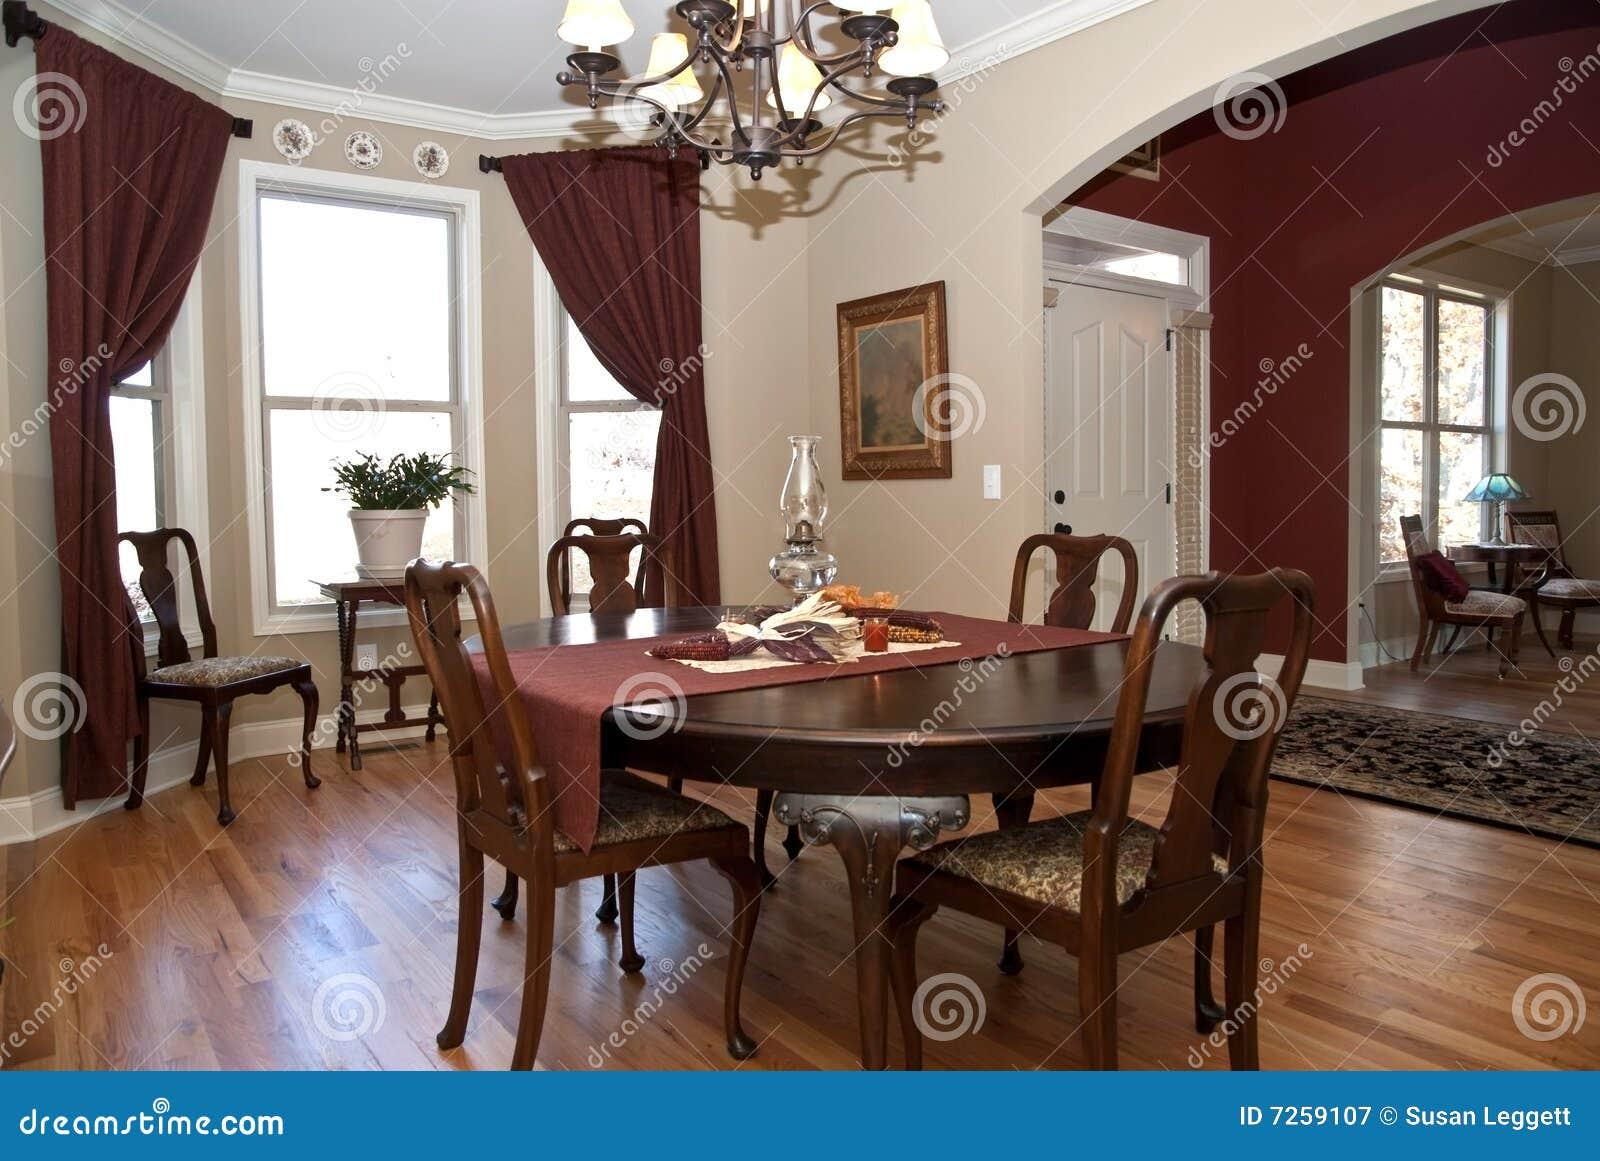 Casa entrata sala da pranzo moderne fotografia stock for Arredamento sala moderno